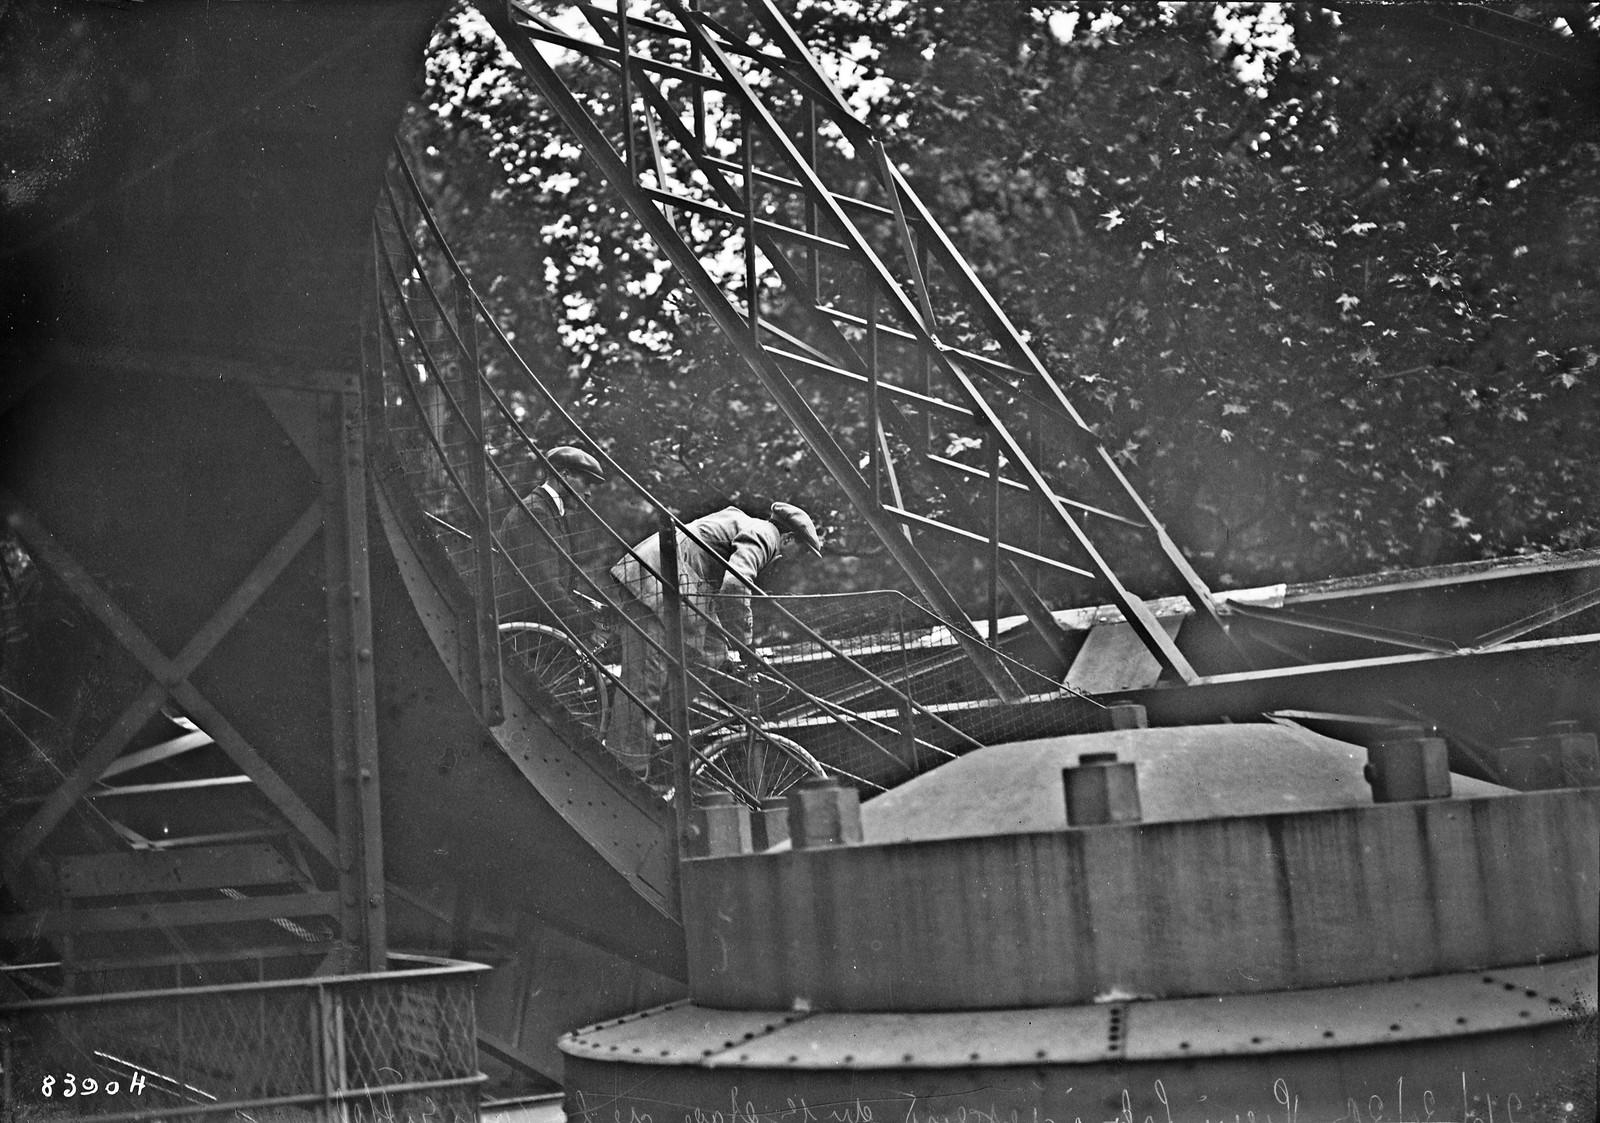 20. 1922. Пьер Лабрик спускается на велосипеде с 1-го этажа Эйфелевой башни